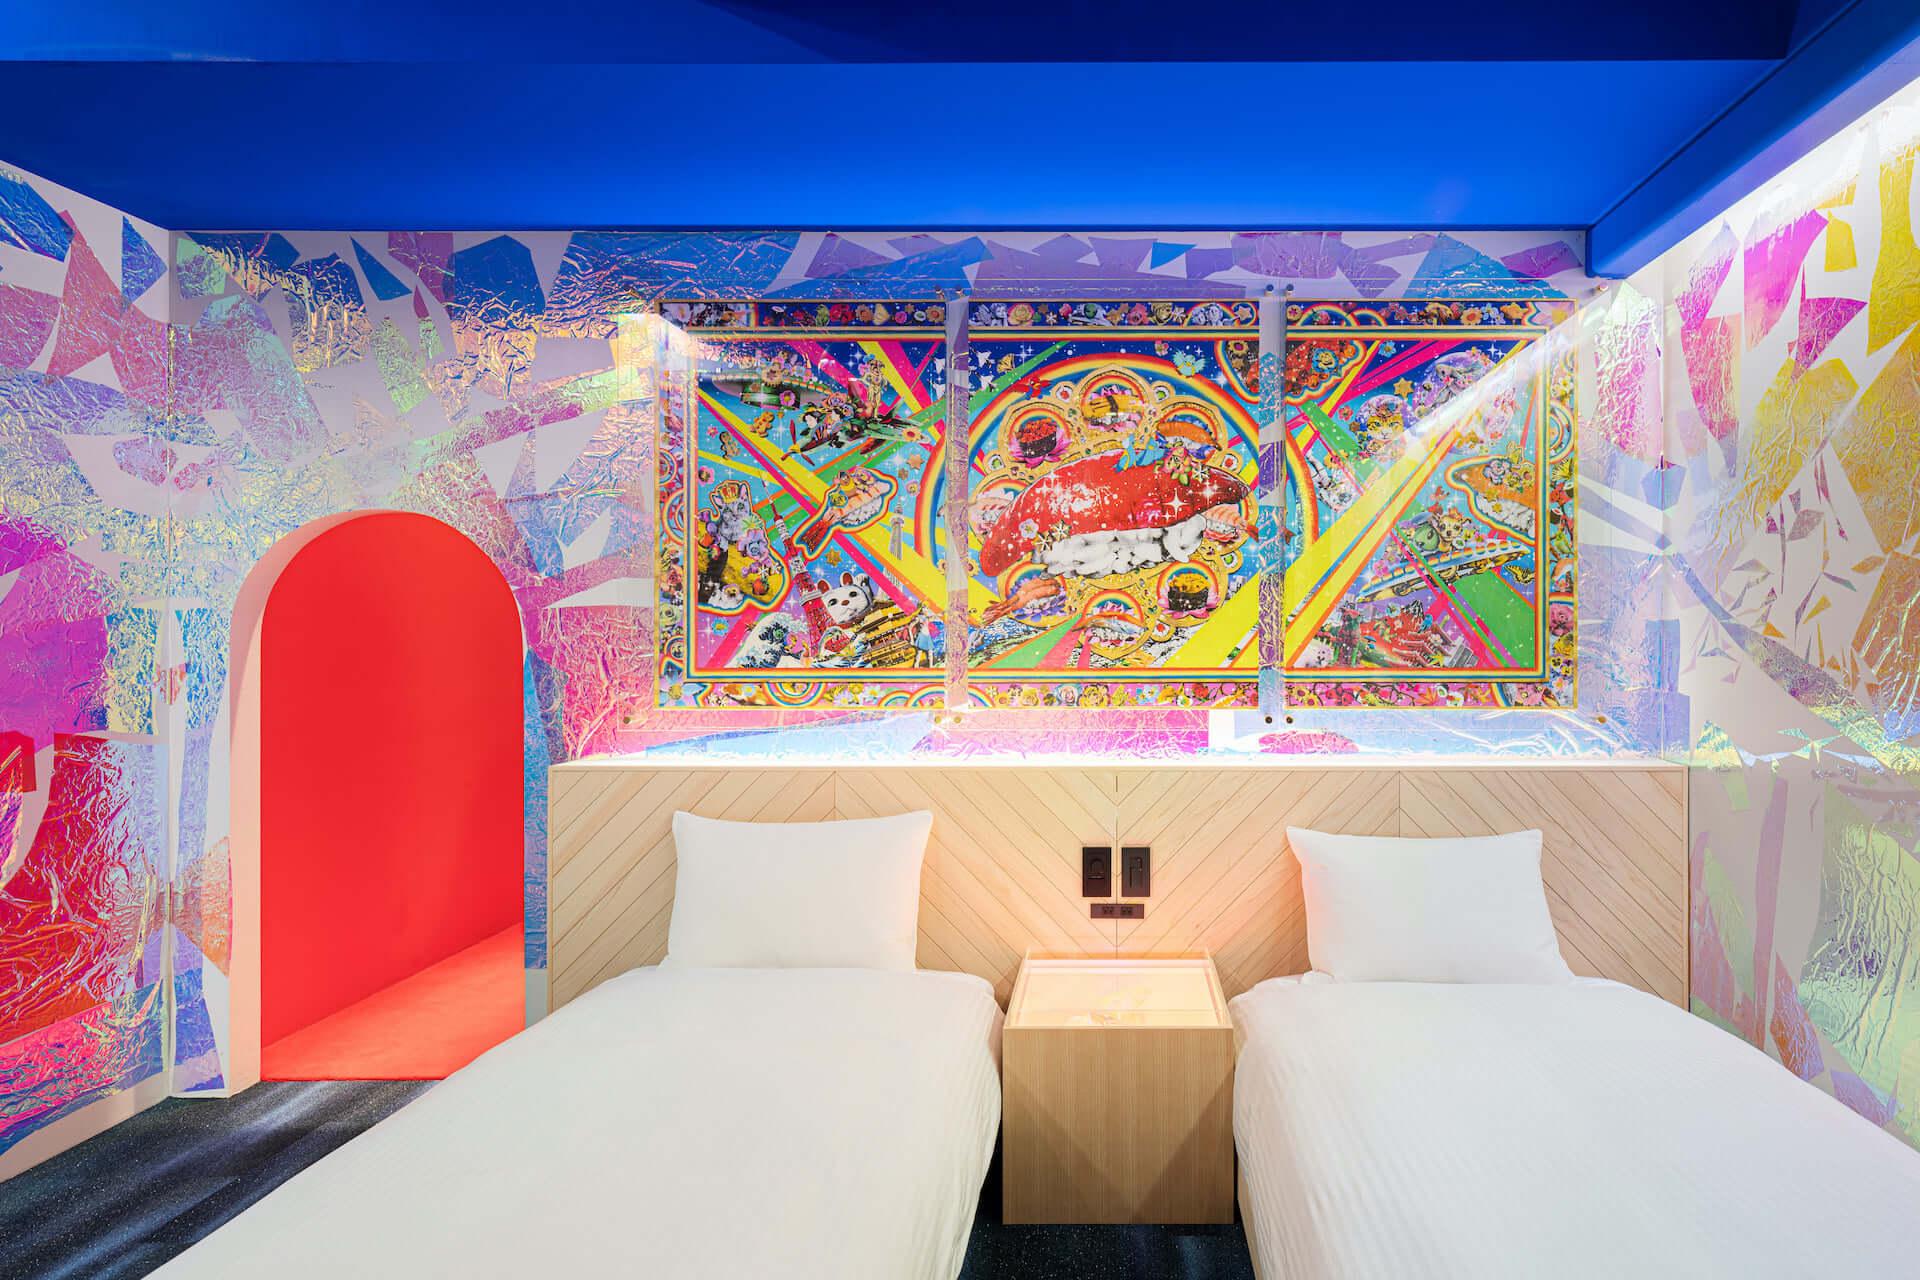 泊まれるアート作品が26部屋も!YOSHIROTTEN、カワムラユキらが参加したオルタナティブホテル「BnA_WALL」が日本橋にプレオープン lf201203_bna-wall_2-1920x1280